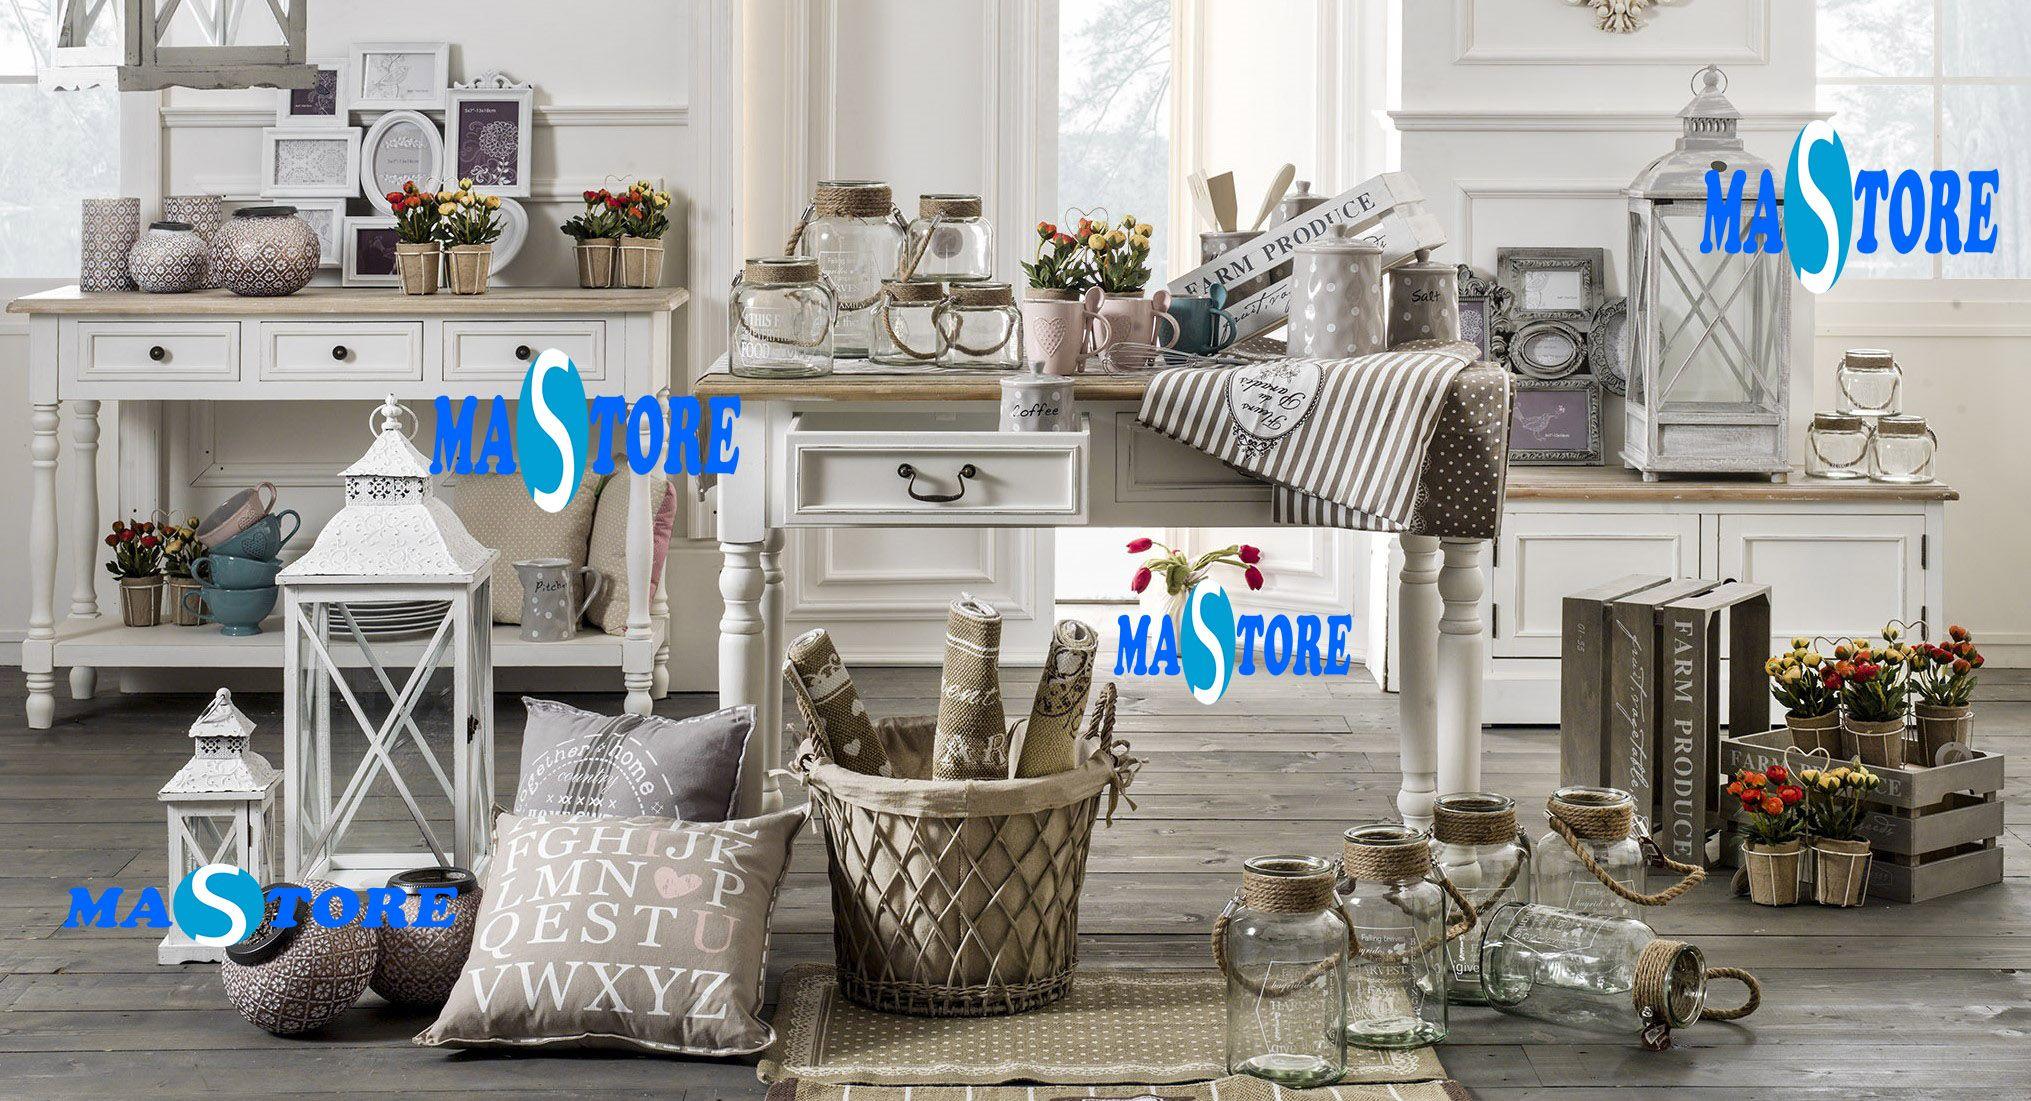 Vendita on line di articoli per la casa in offerta quali